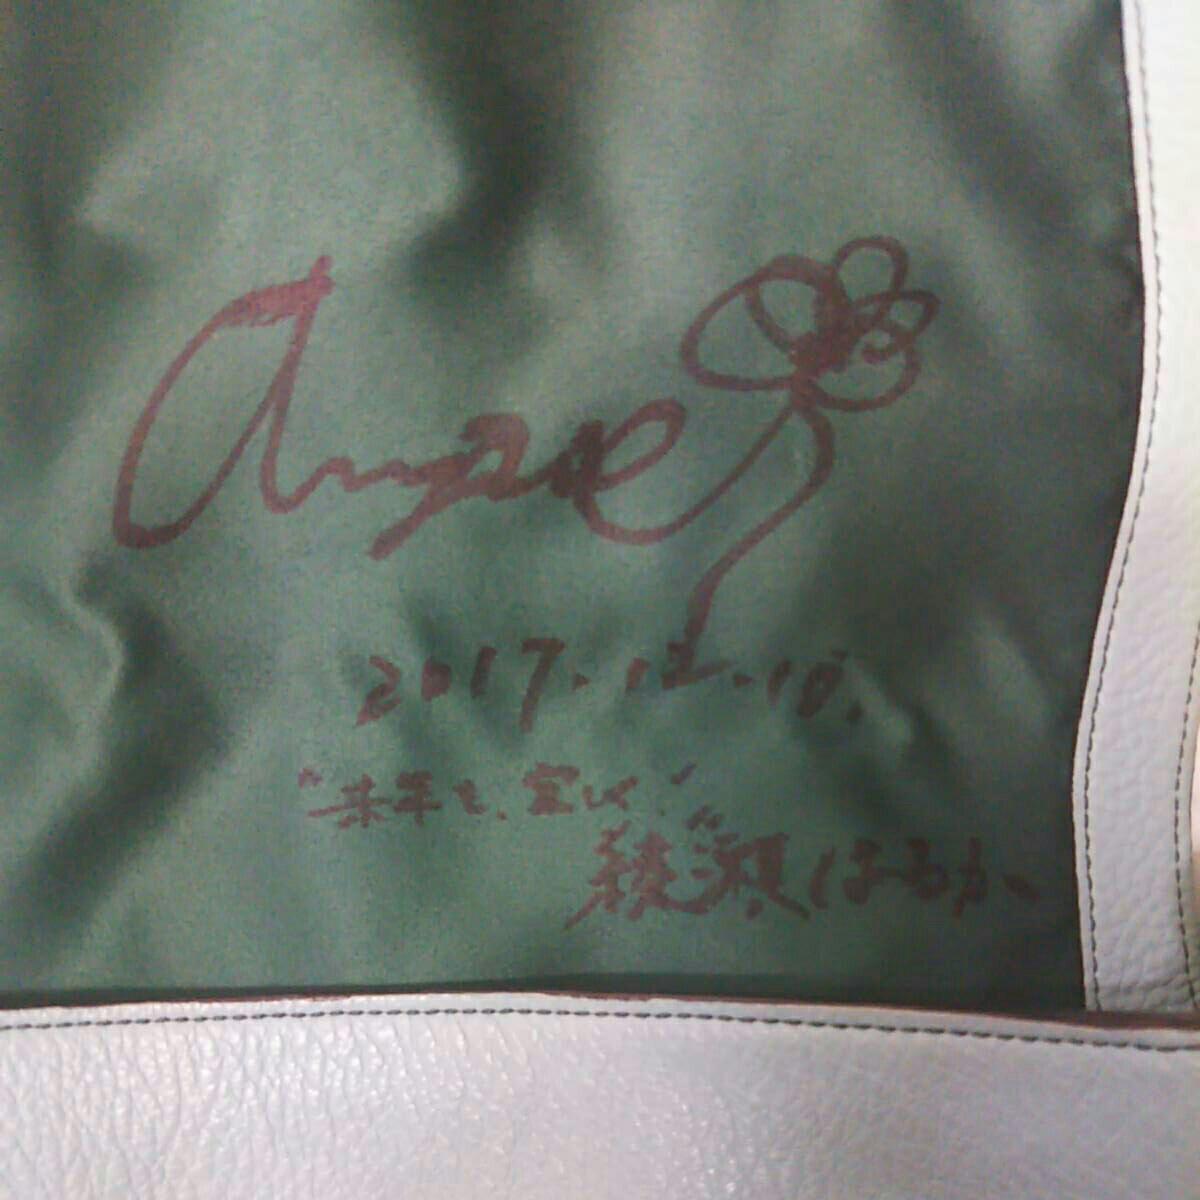 綾瀬はるかさん「CM」などで撮影使用しました。オーダーメイドの一品物です。直筆サイン入りです。